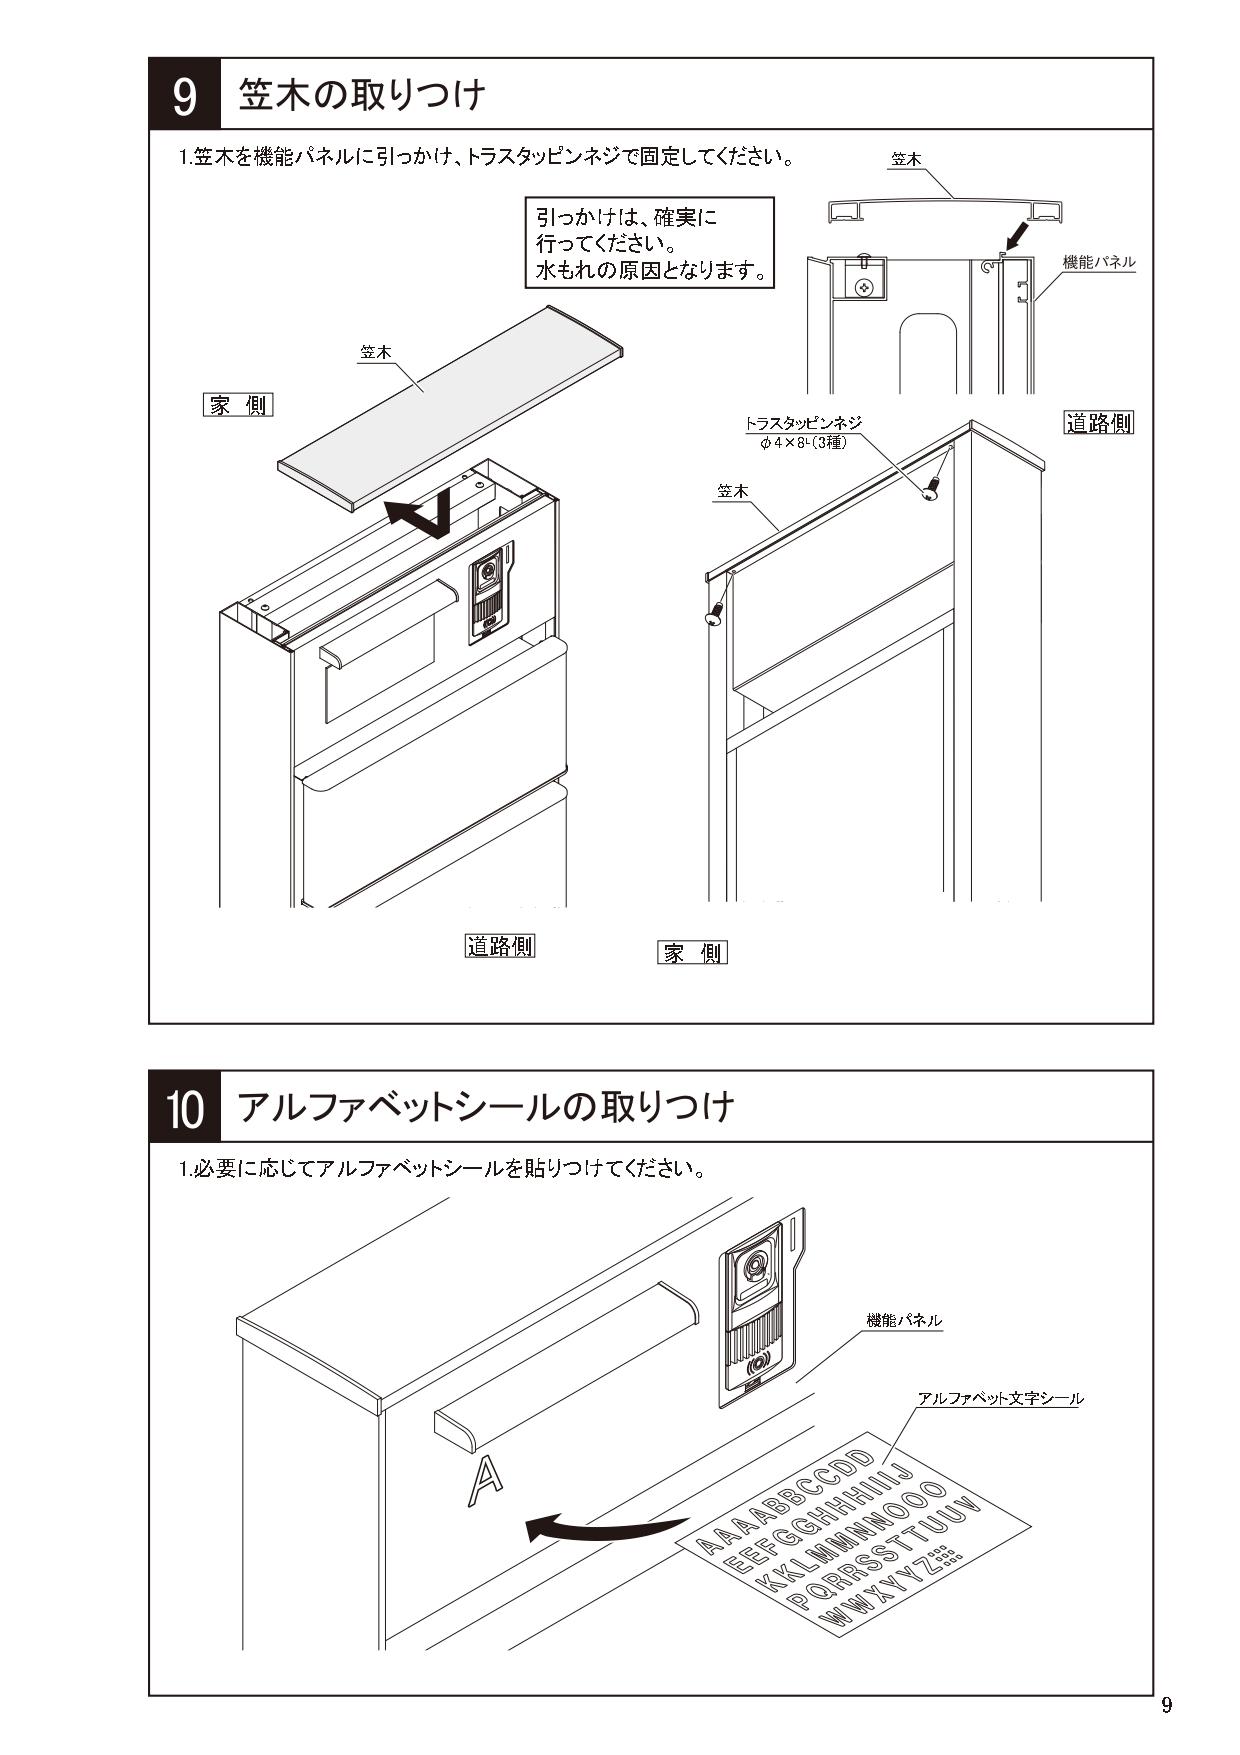 ソネット門柱1型 施工説明書_page-0009